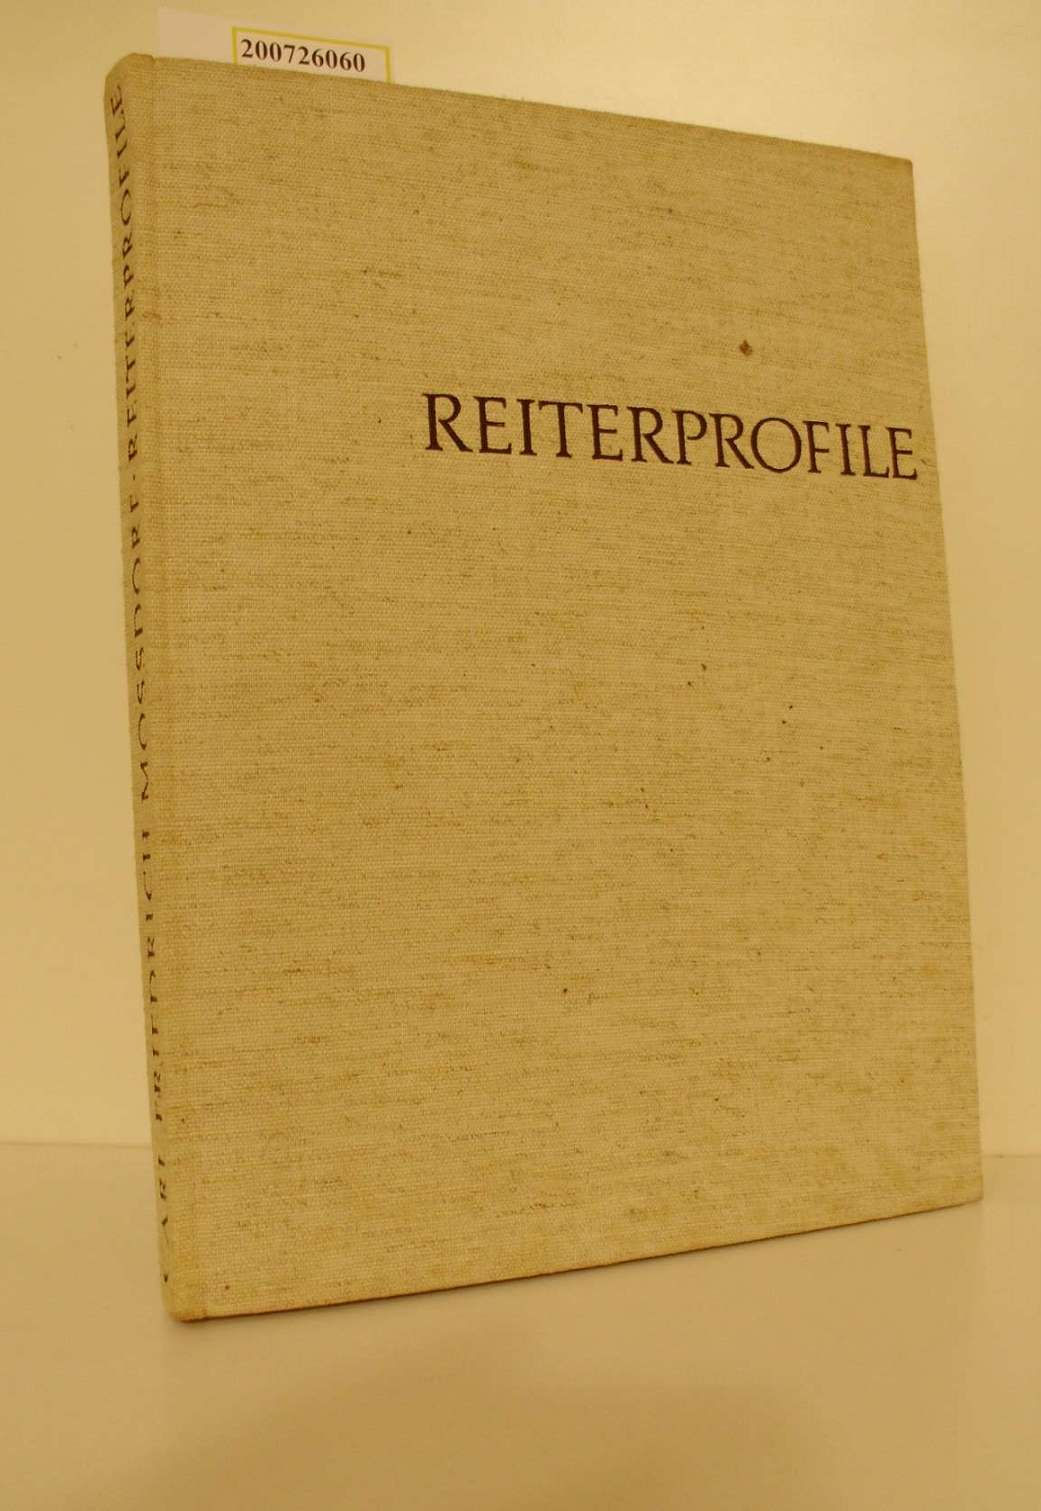 Reiterprofile : Ein Buch vom deutschen Turniersport / Carl Friedrich Mossdorf